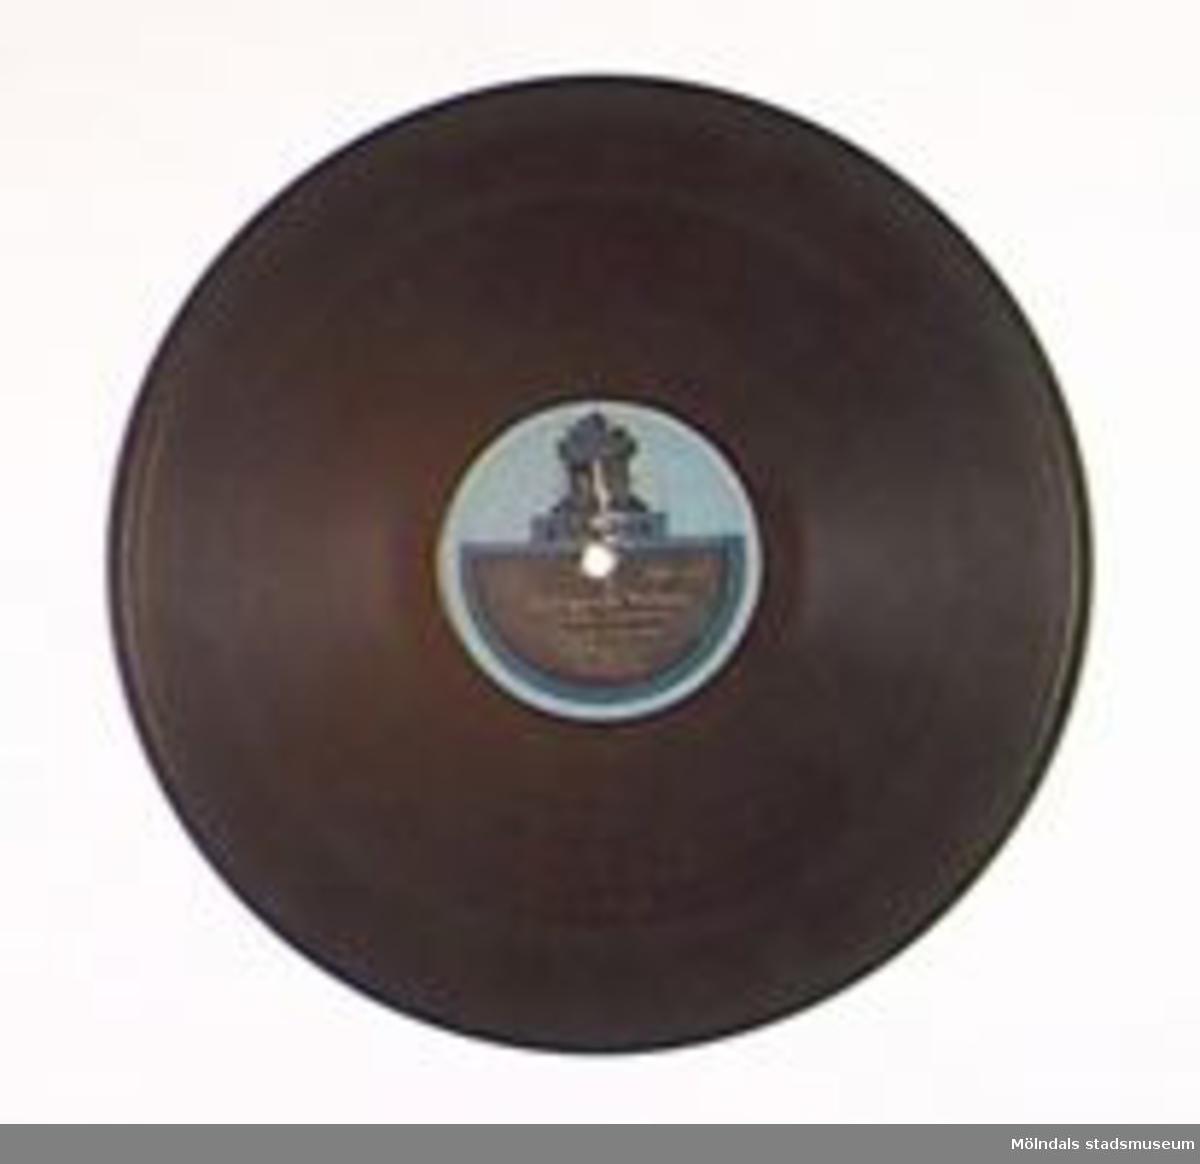 En sk stenkaka. Musik ena sidan: Skärgårdsvalsen (Anselm Johansson) Danse Orkester Sándor Jòzsi A149856.Musik andra sidan: Veronika Shimmy (H Tichauer) Danse Orkester Sándor Jòzse A143857.Märkt: Odeon Be 3026 H. 3 Be 3023 H.3.Repad.Förvaras i MM01476 (skivalbum).Stenkakor tillverkades av konstharts (plast av bl a kåda) och skiffermjöl (eller annat fyllnadsmjöl).